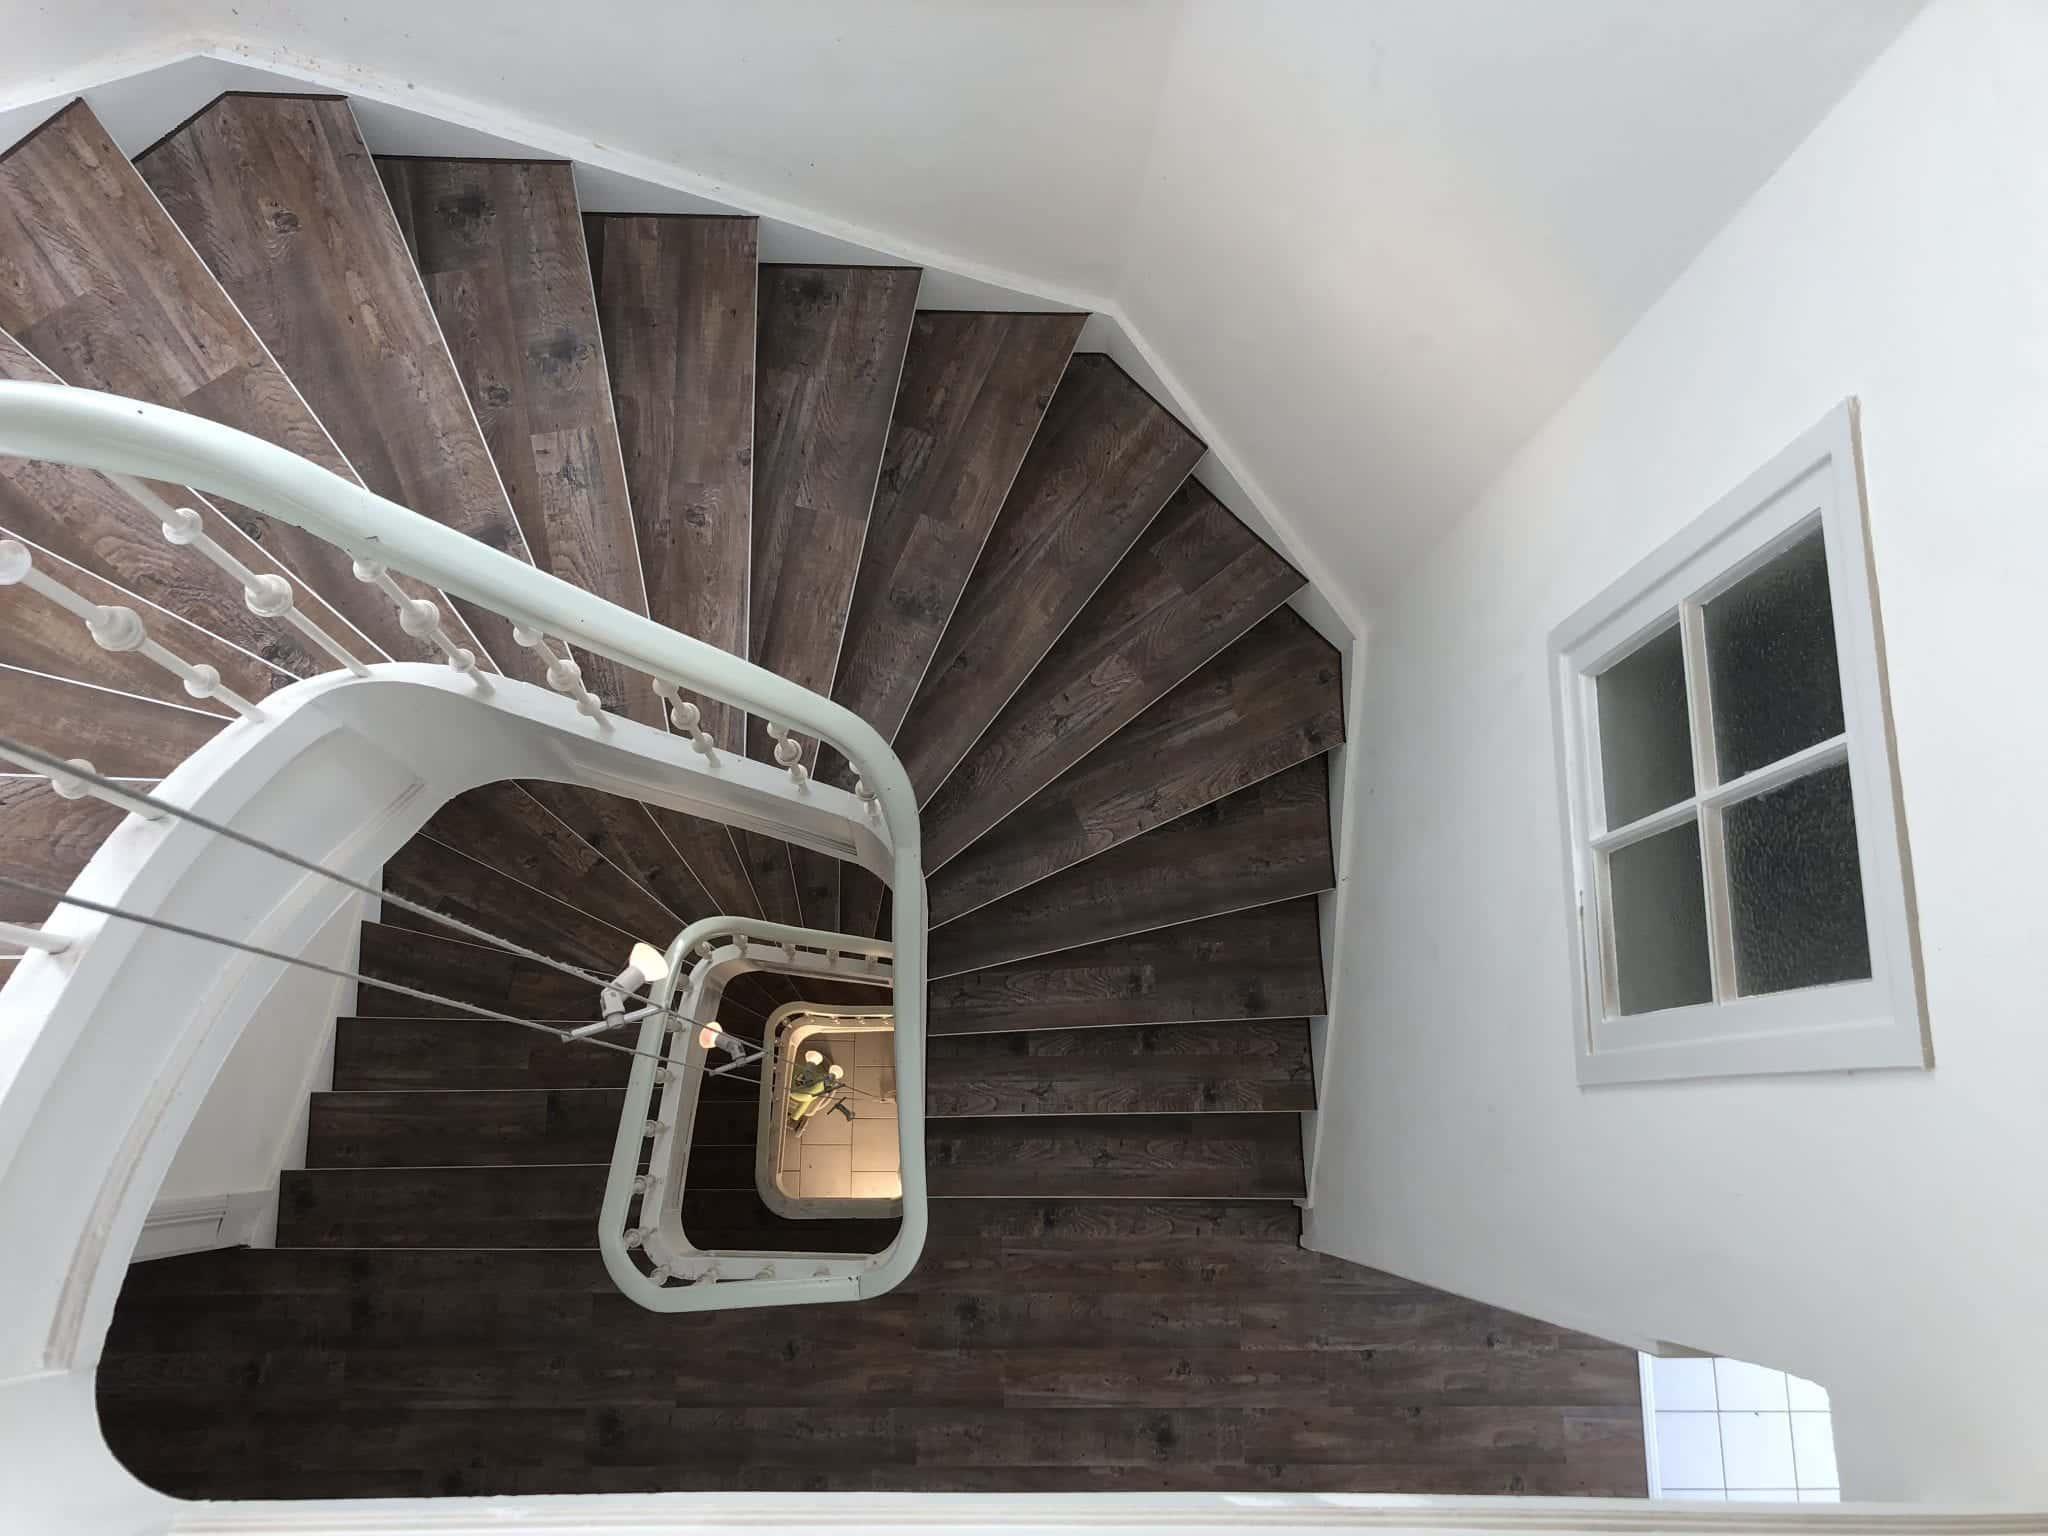 boden verlegen hamburg bodenleger bodenbel ge. Black Bedroom Furniture Sets. Home Design Ideas